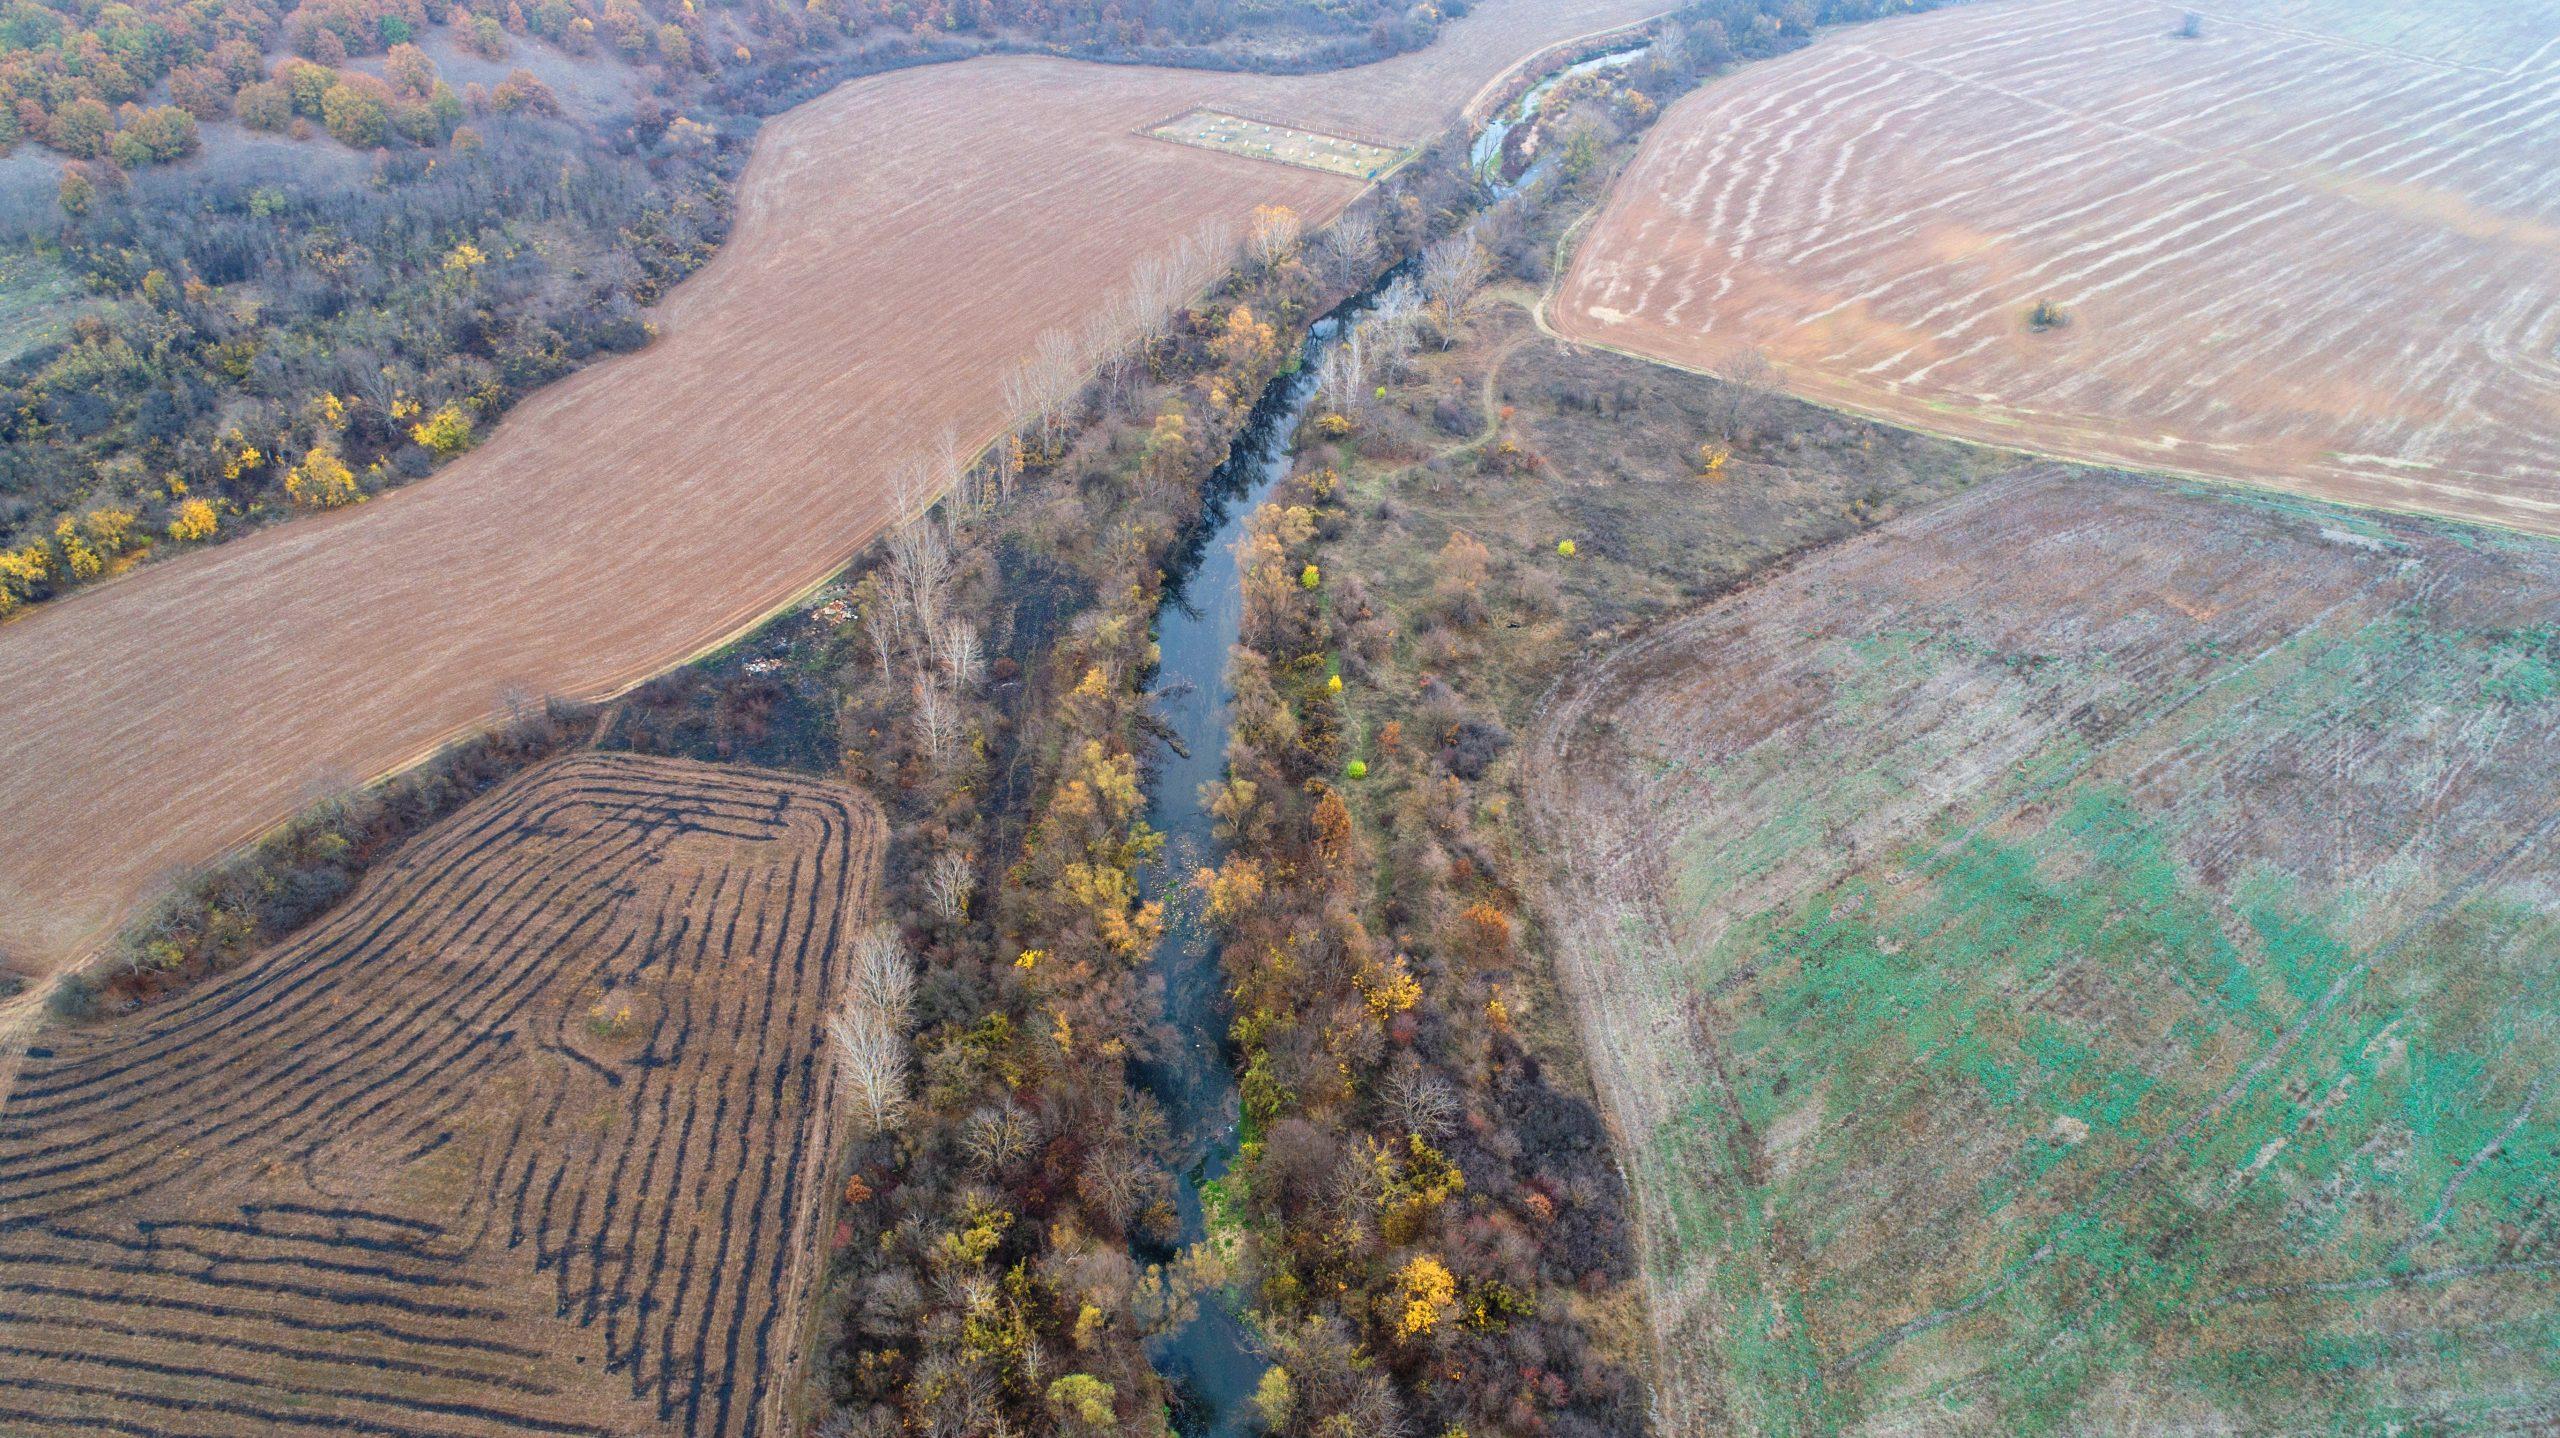 Становище на МОСВ за ДОВОС за кариера в землищата на Палилула и Охрид от 27.08.10